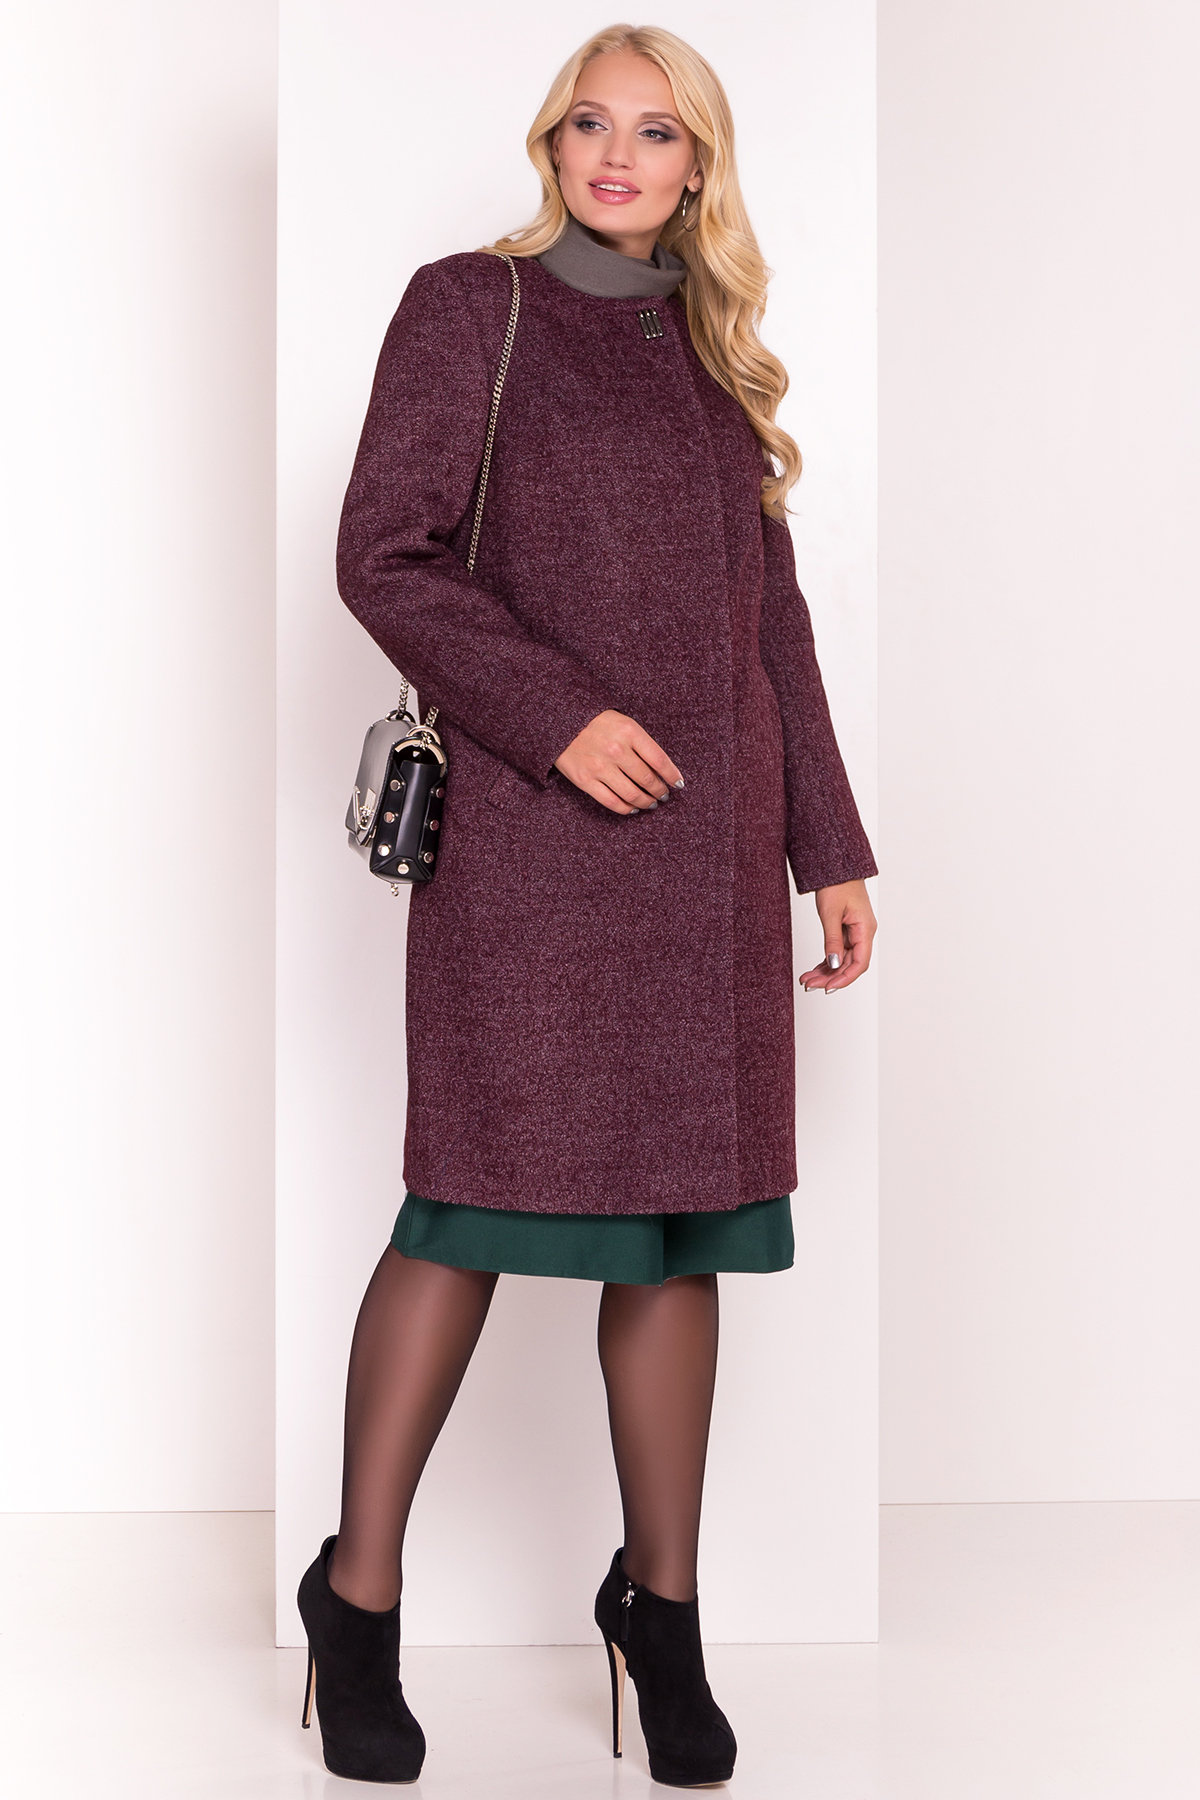 Демисезонное пальто цвета марсала Фортуна DONNA 3377 Цвет: Марсала